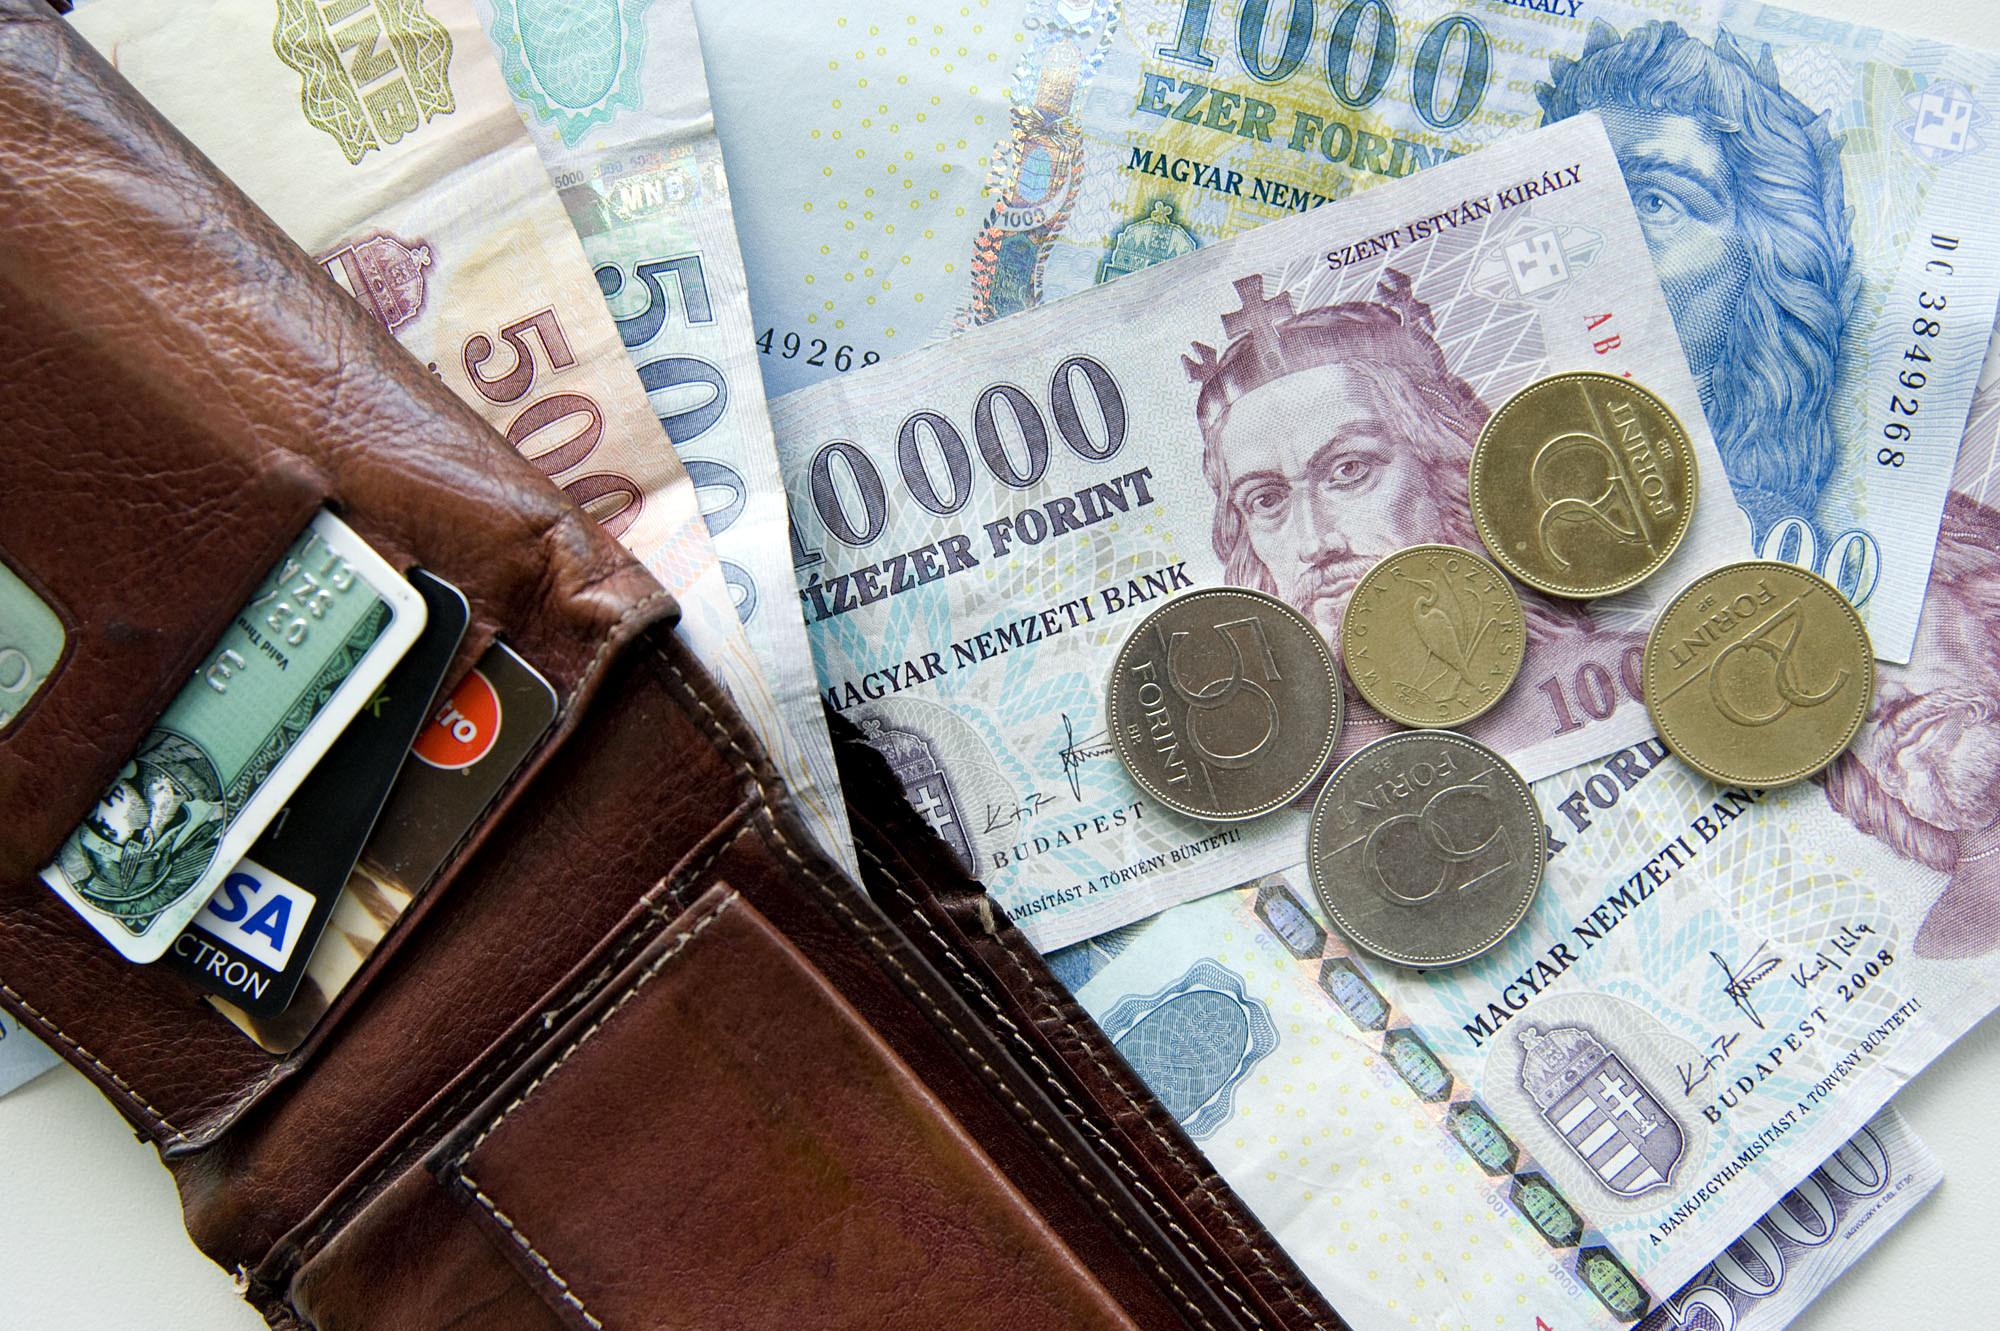 Megszólalt a sztárbefektető: nem sok pénzt lehet most keresni a piacokon - budapestapartment.co.hu